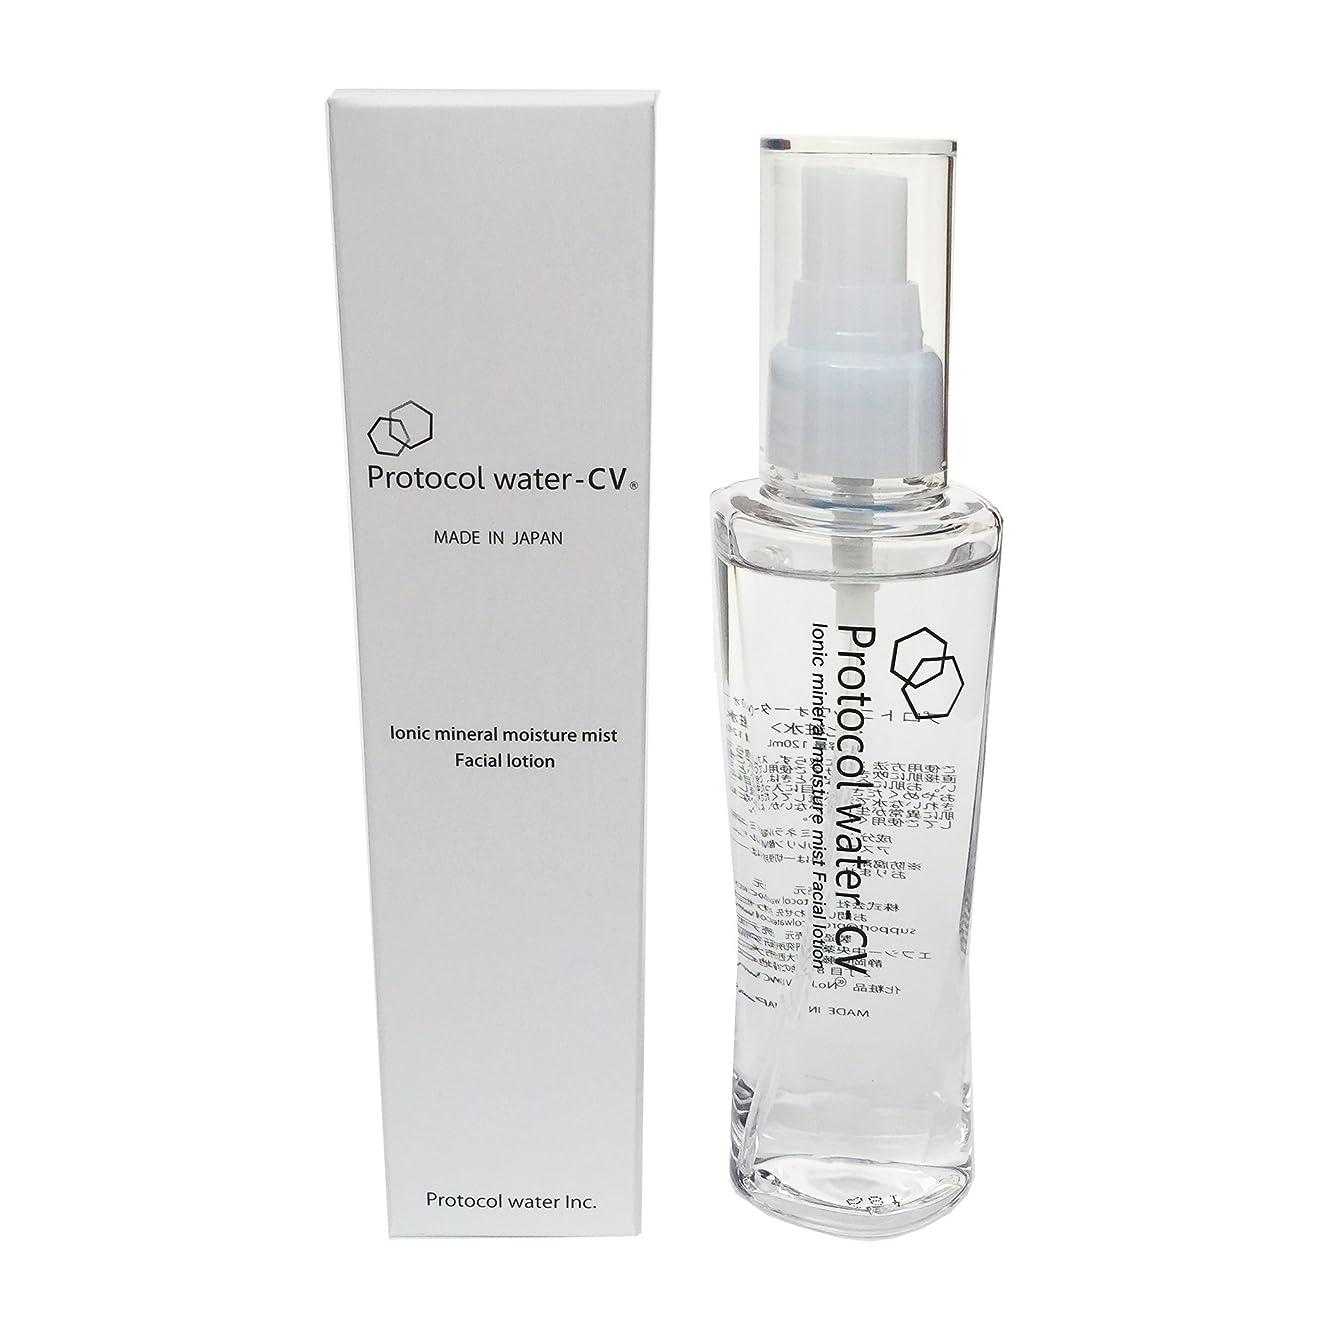 スペースクライアントわざわざProtocol water CV Ionic's mineral moisture mist Facial lotion / プロトコル ウォーター CV